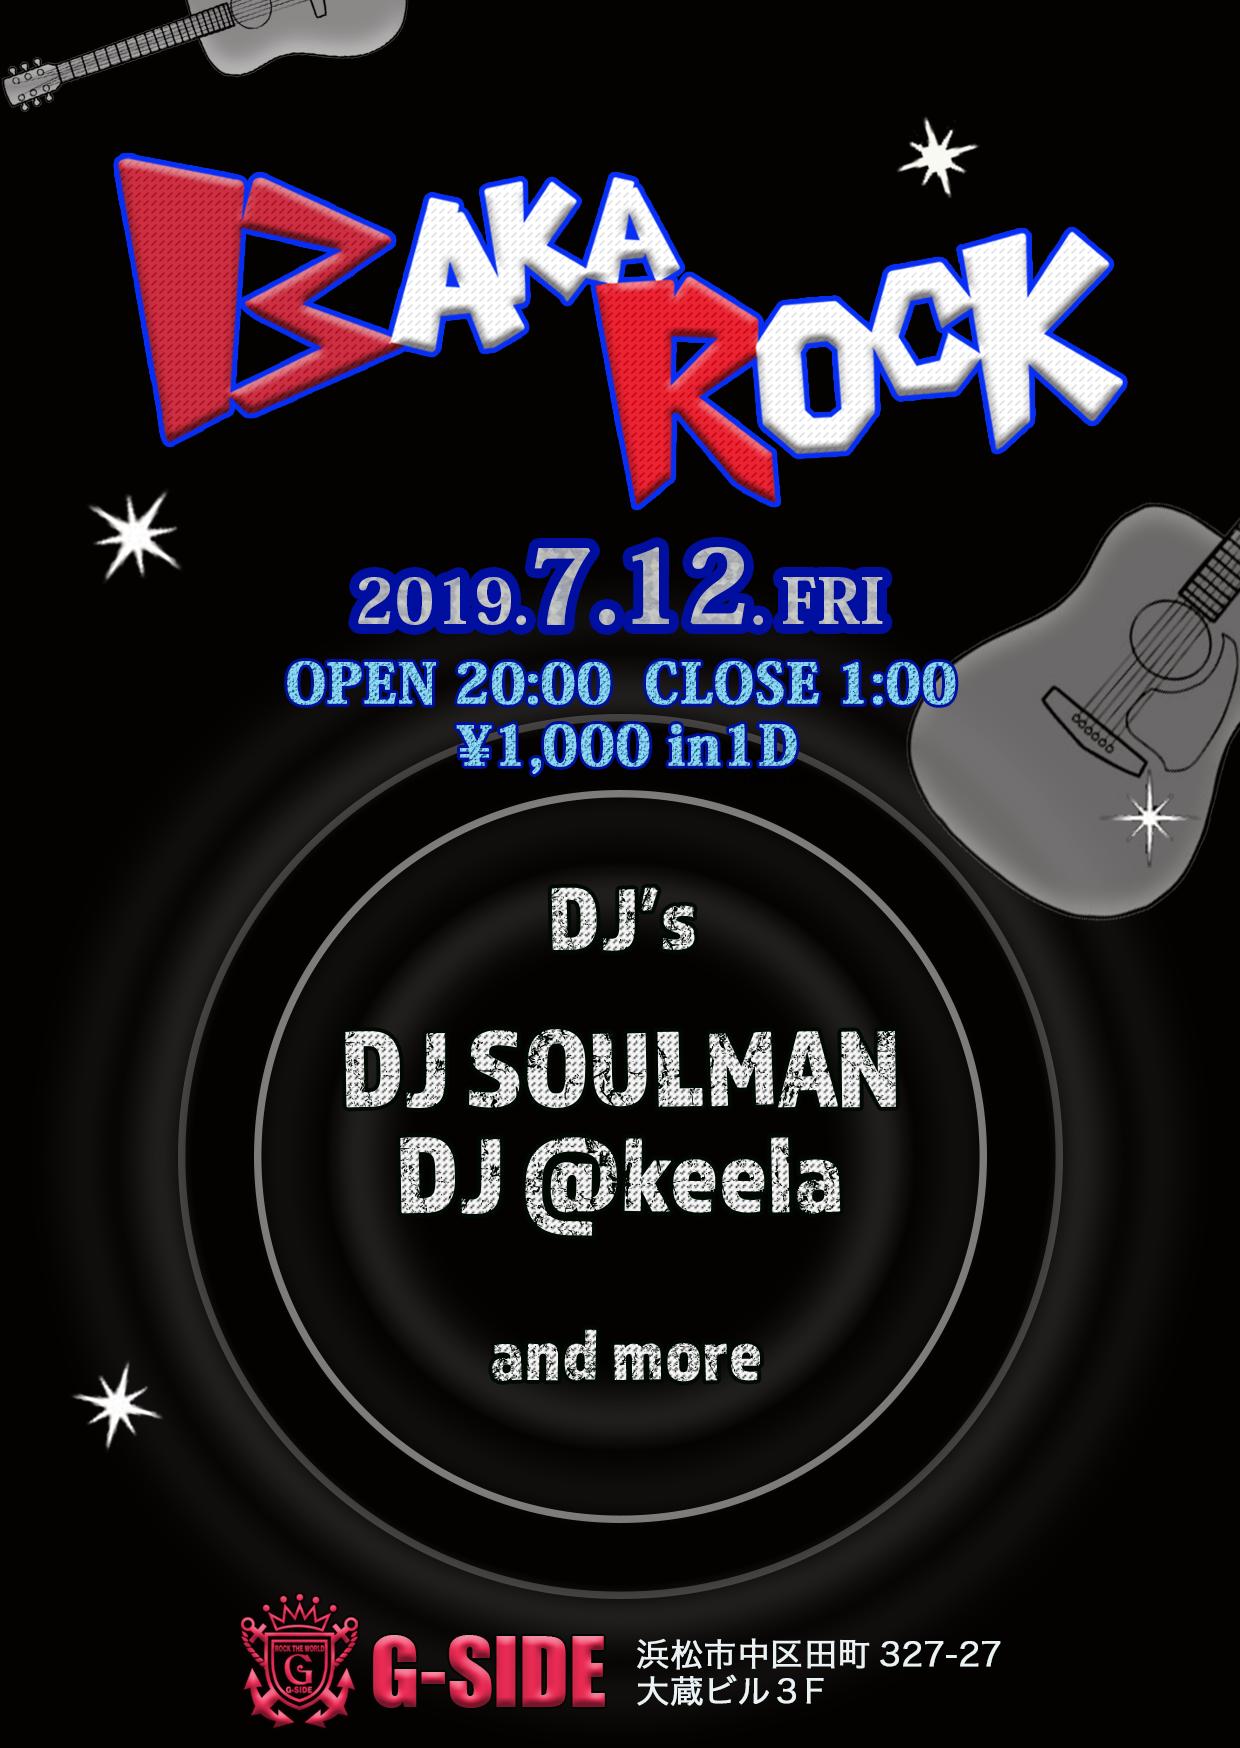 7月12日金曜日 BAKA ROCK